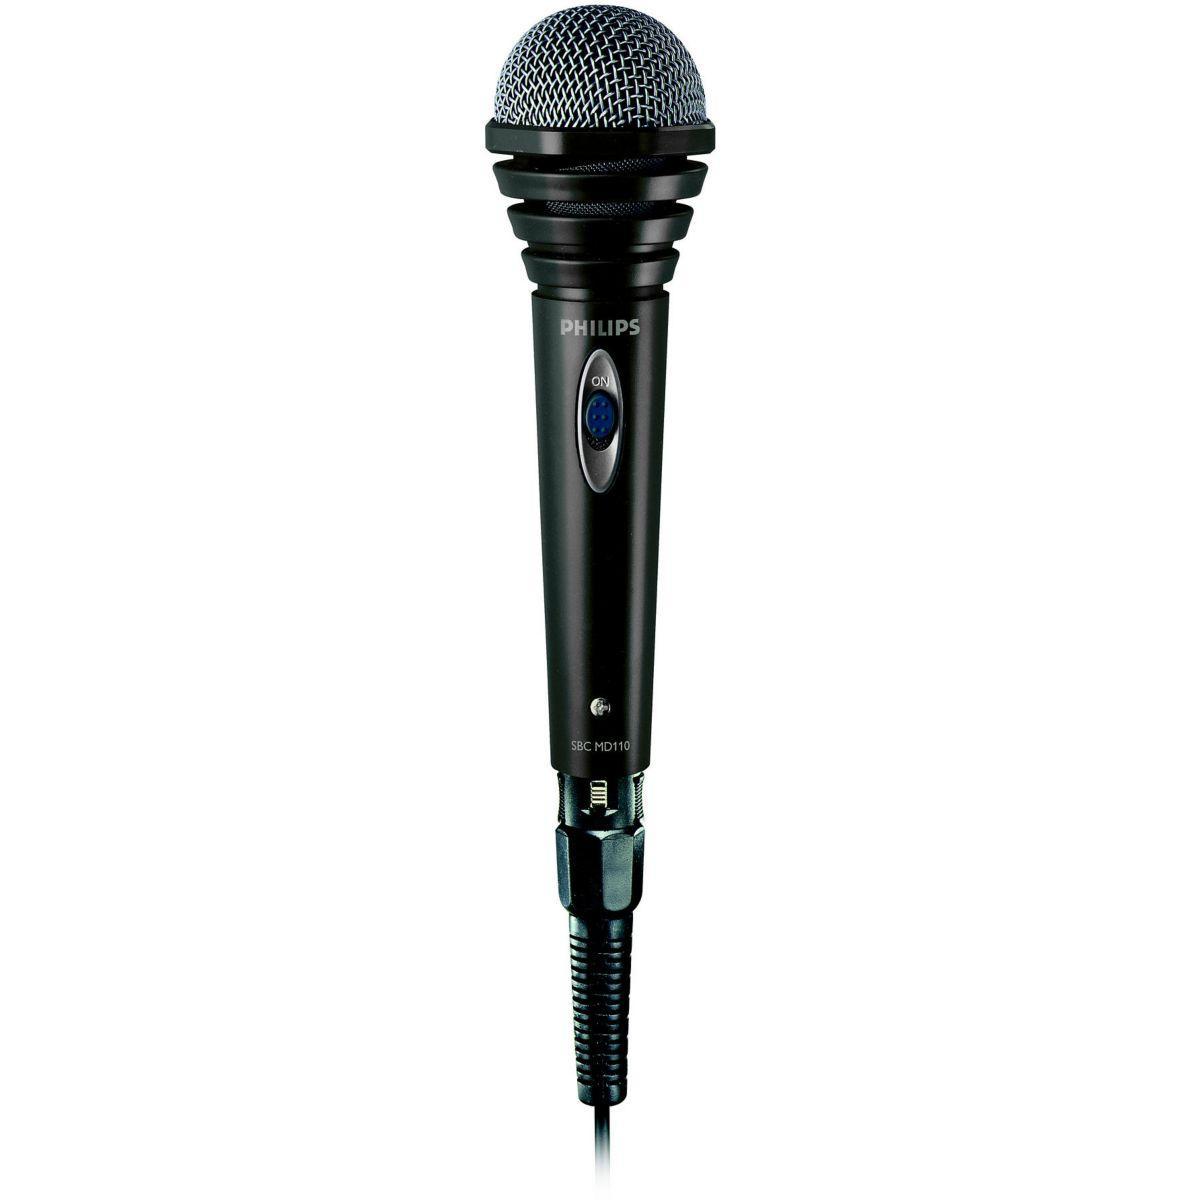 Microphone philips sbc md110/00 (de voix) - 20% de remise immédiate avec le code : cool20 (photo)